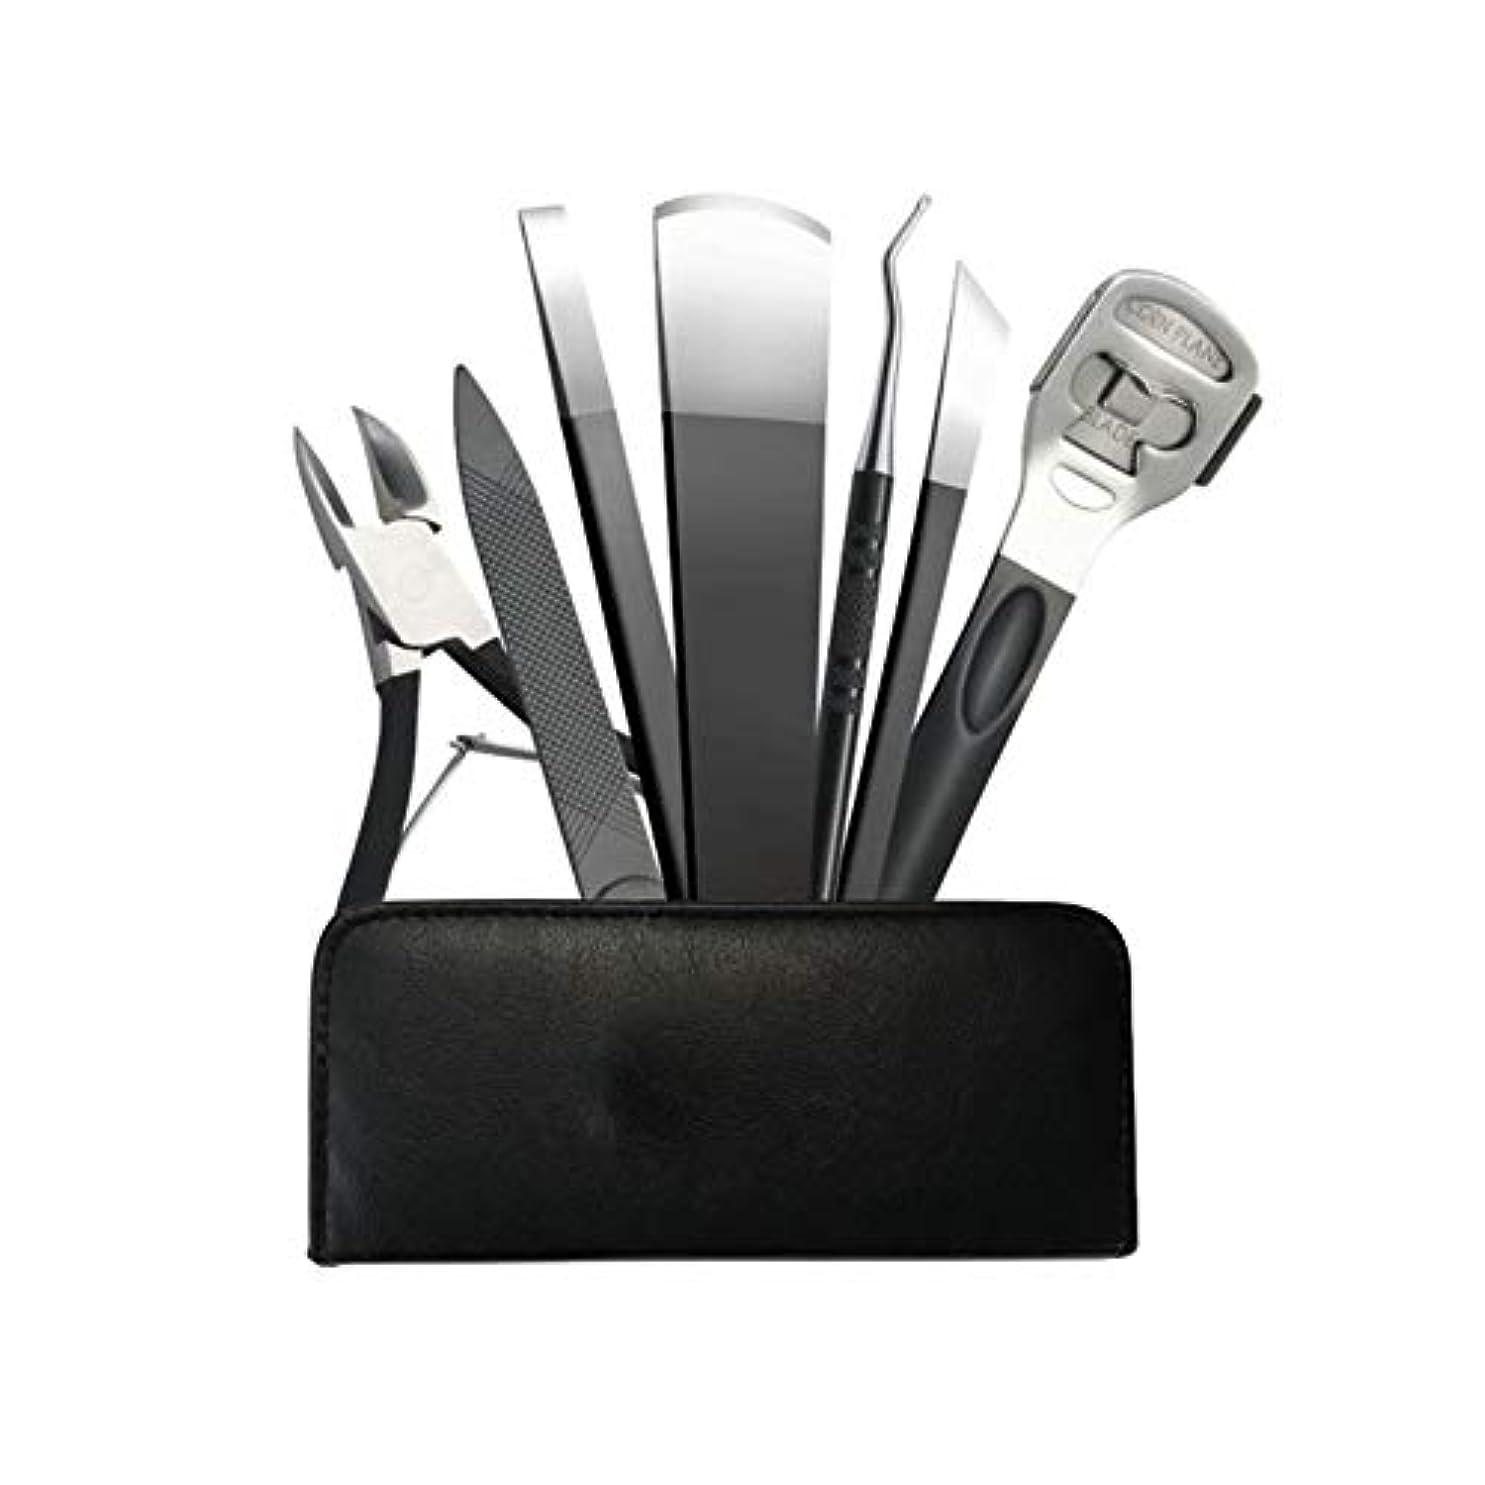 人種プレゼンテーション燃やすJIAYIZS プロフェッショナルペディキュアナイフ7点セットネイルクリッパーペディキュアペディキュアツール (Color : Silver)